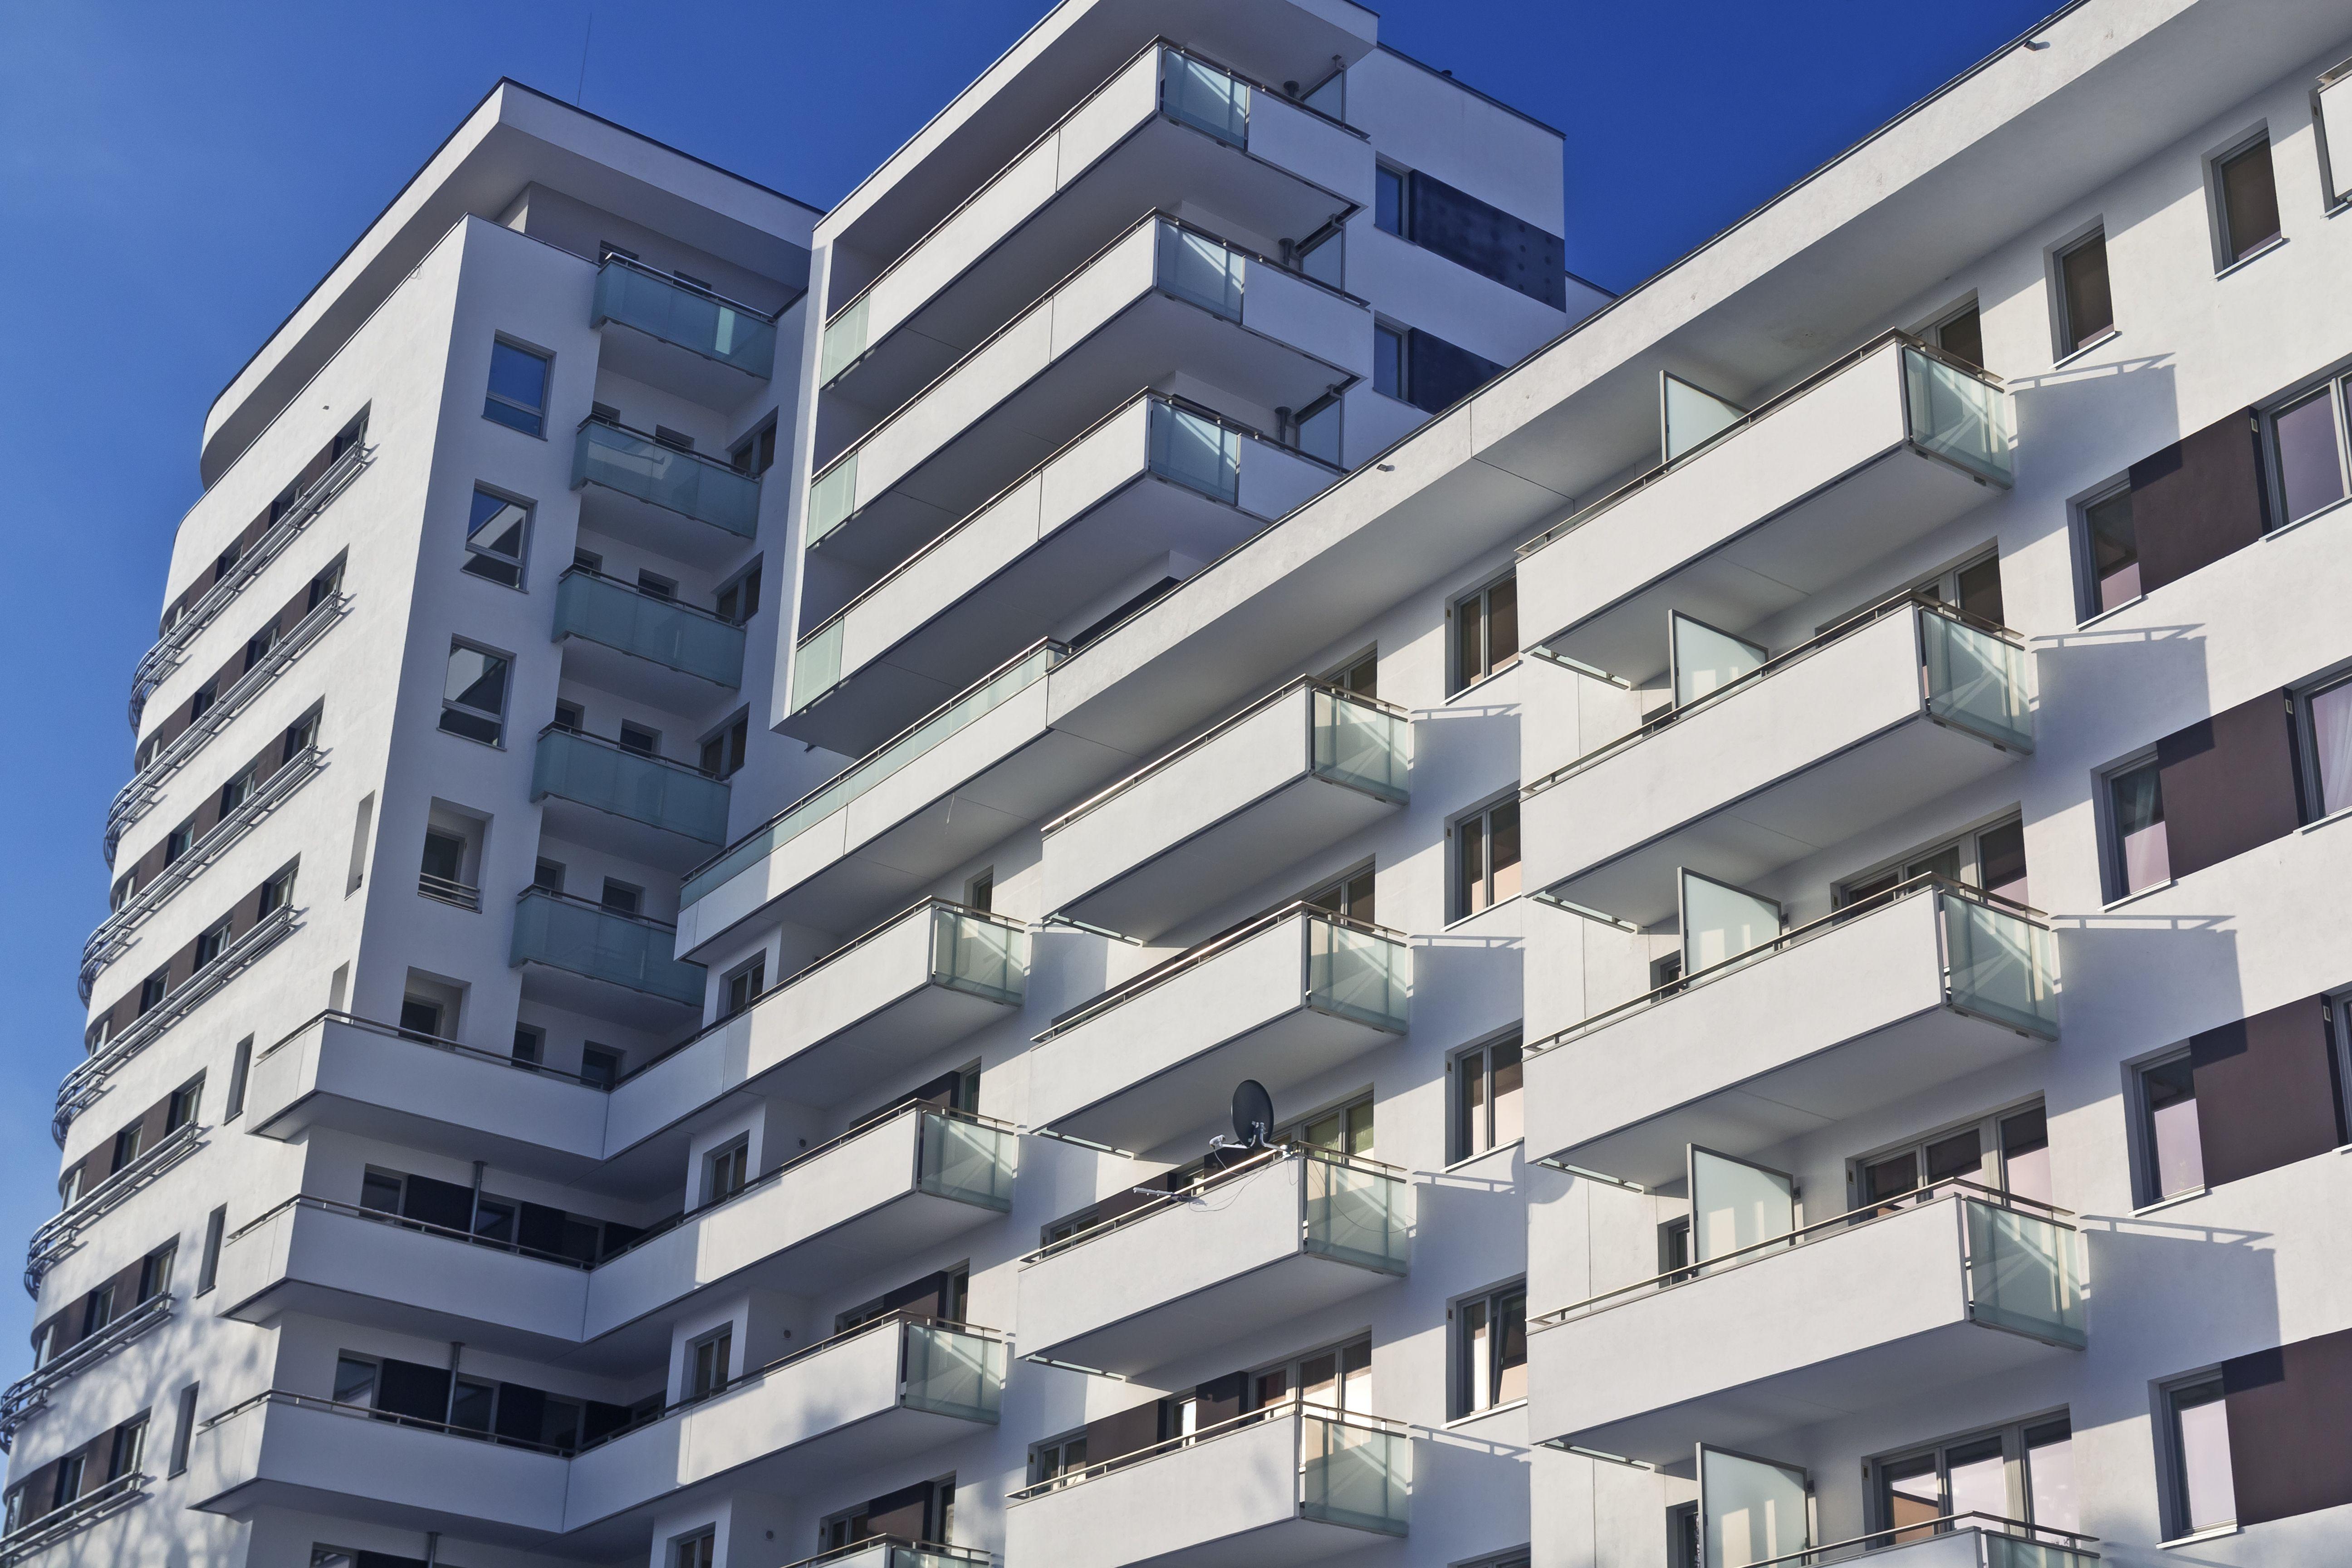 Mantenimiento de comunidades: Servicios de Construcciones CMC